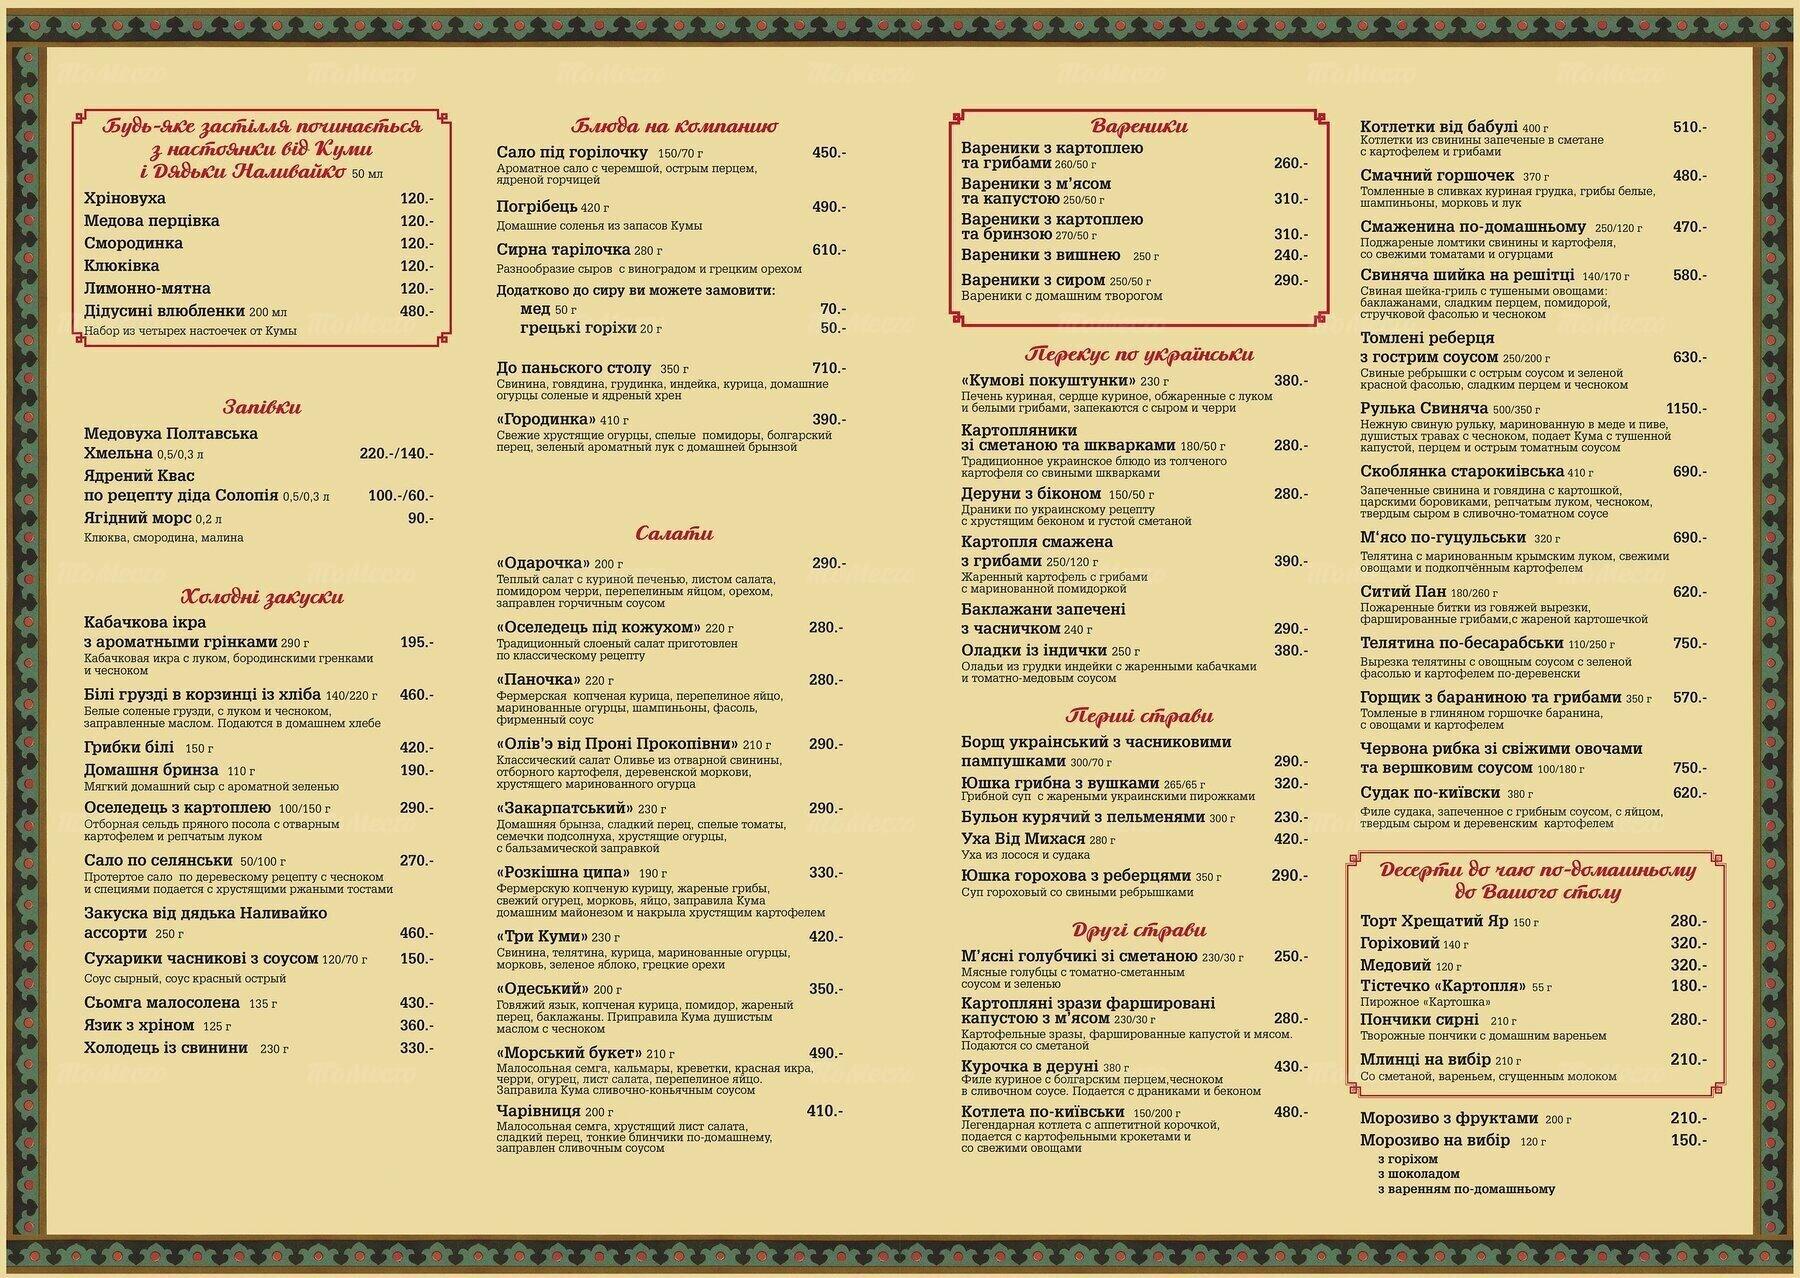 Меню ресторана Веселая кума на улице Костиной фото 1